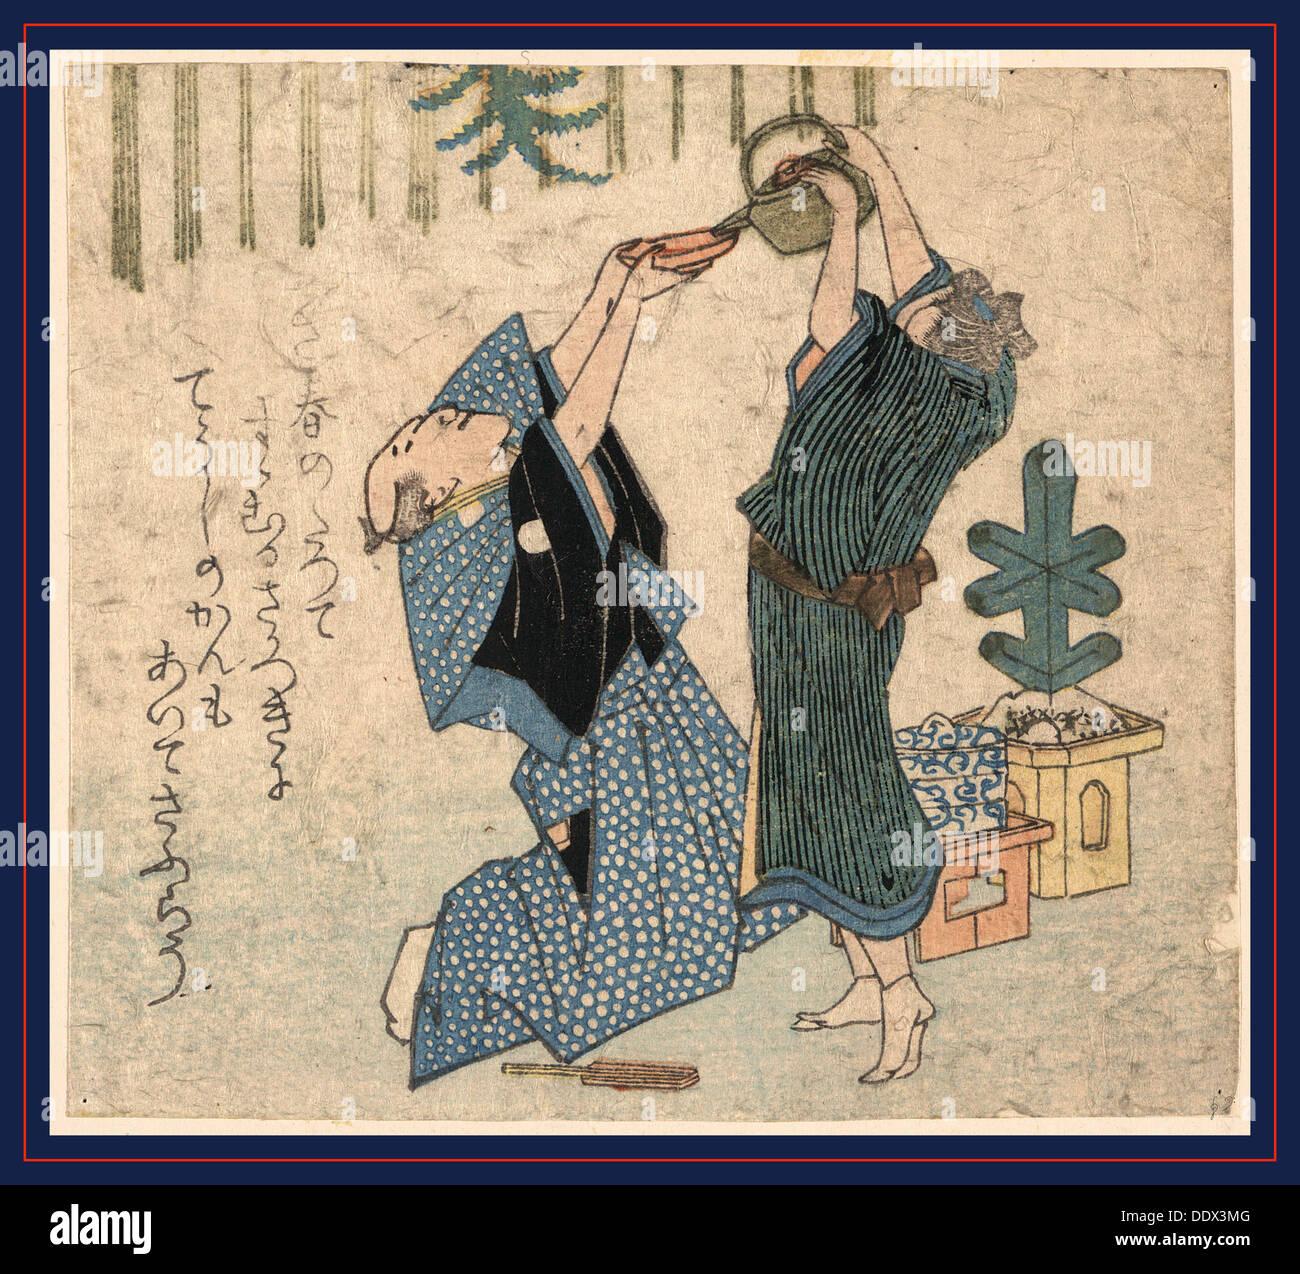 Giga Shinnen keine Iwai, Comic-Feier des neuen Jahres. Druck zeigt einen Mann kniend, hält eine Untertasse Aufwand mit Stockbild